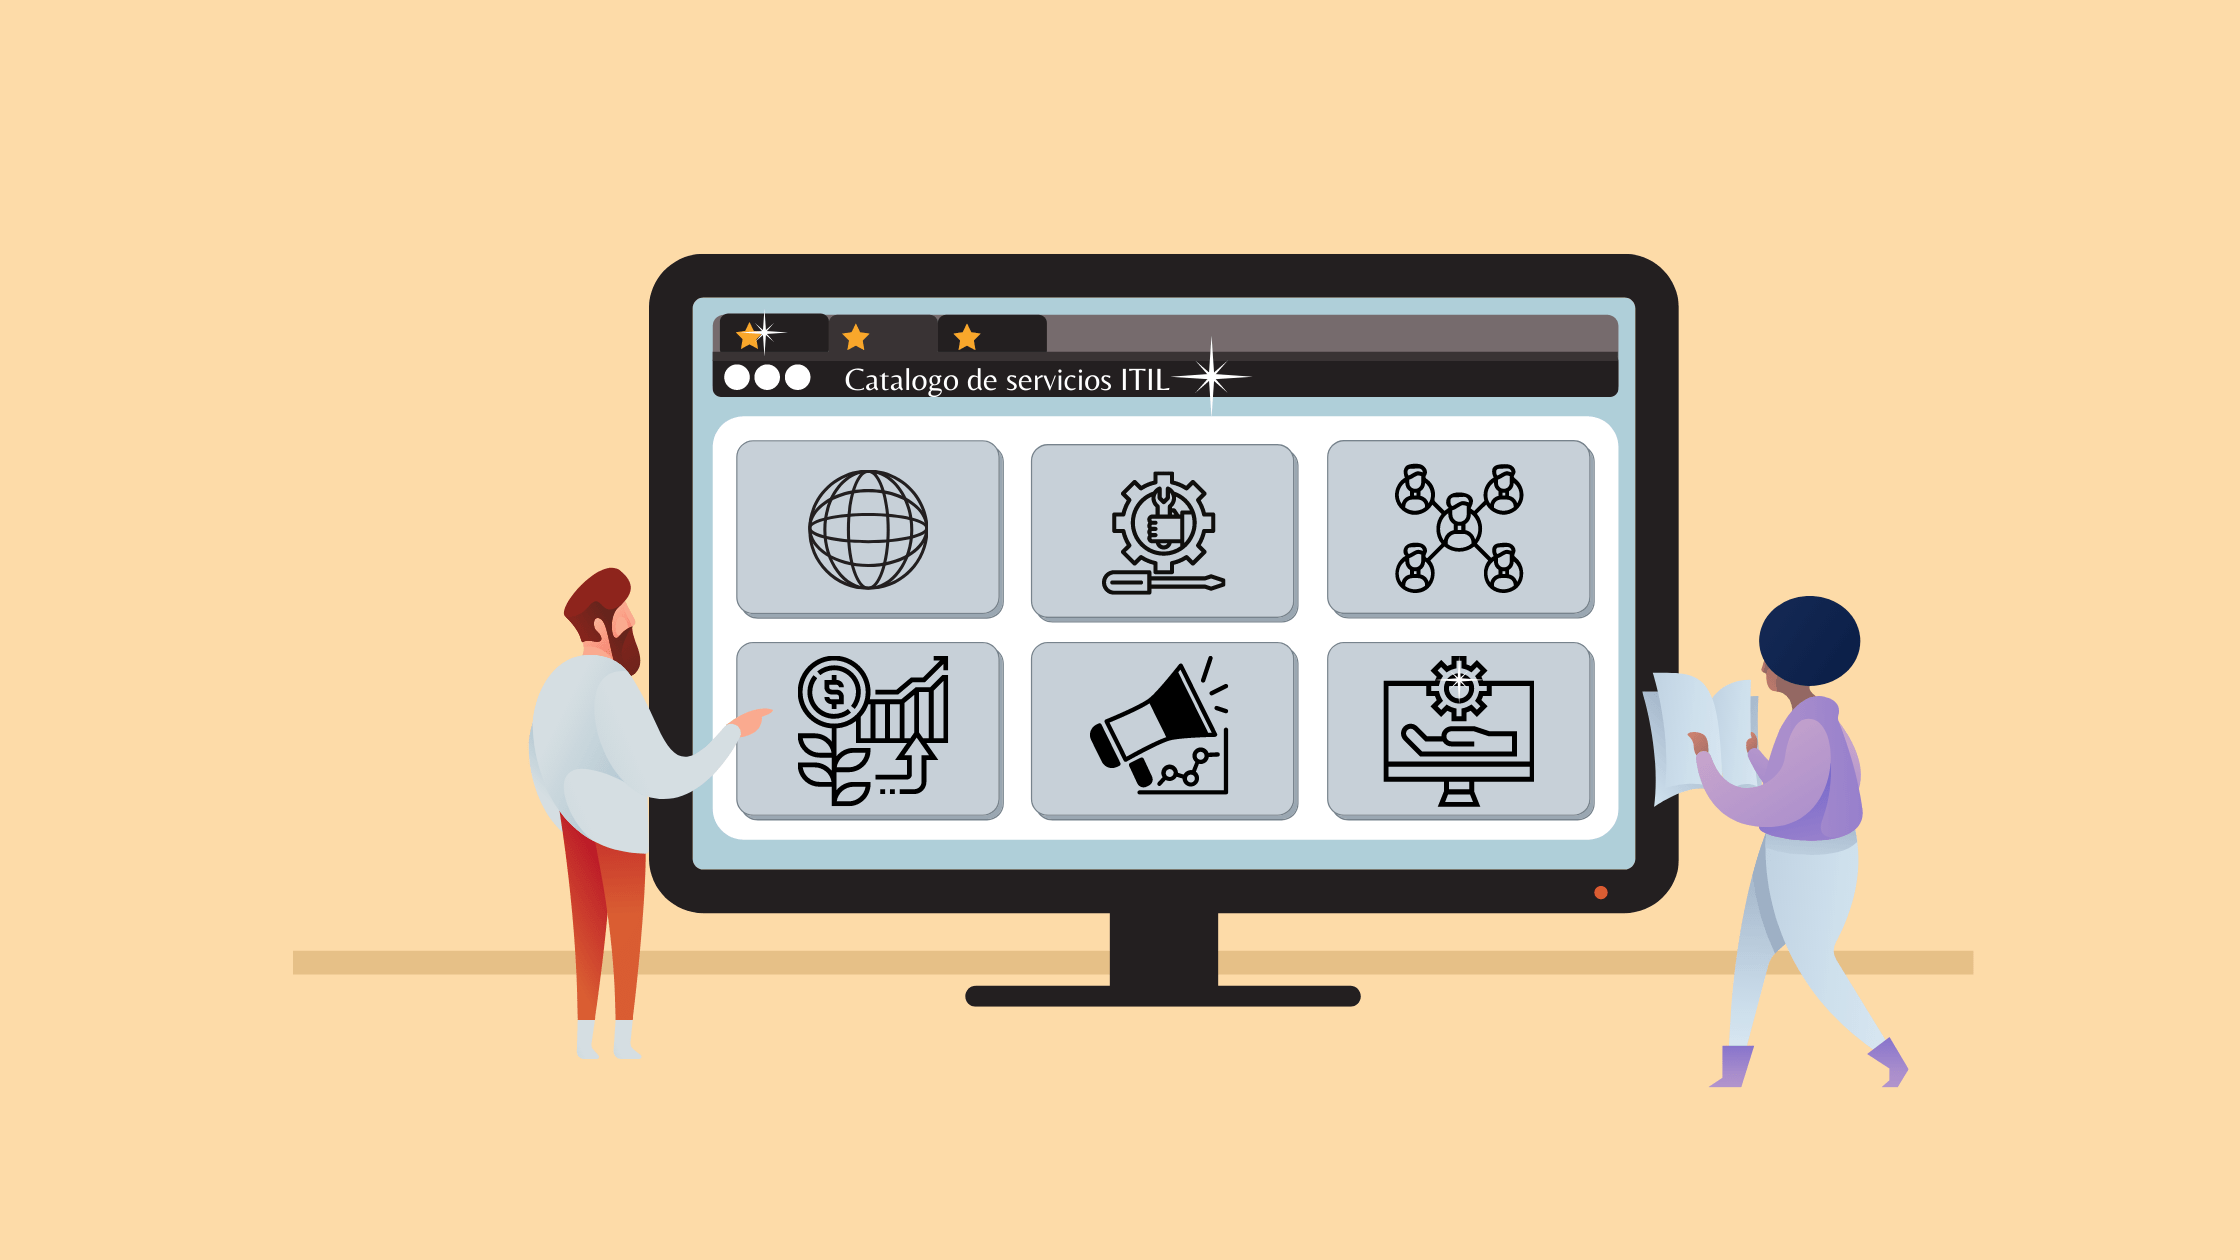 Catalogo de servicios ITIL